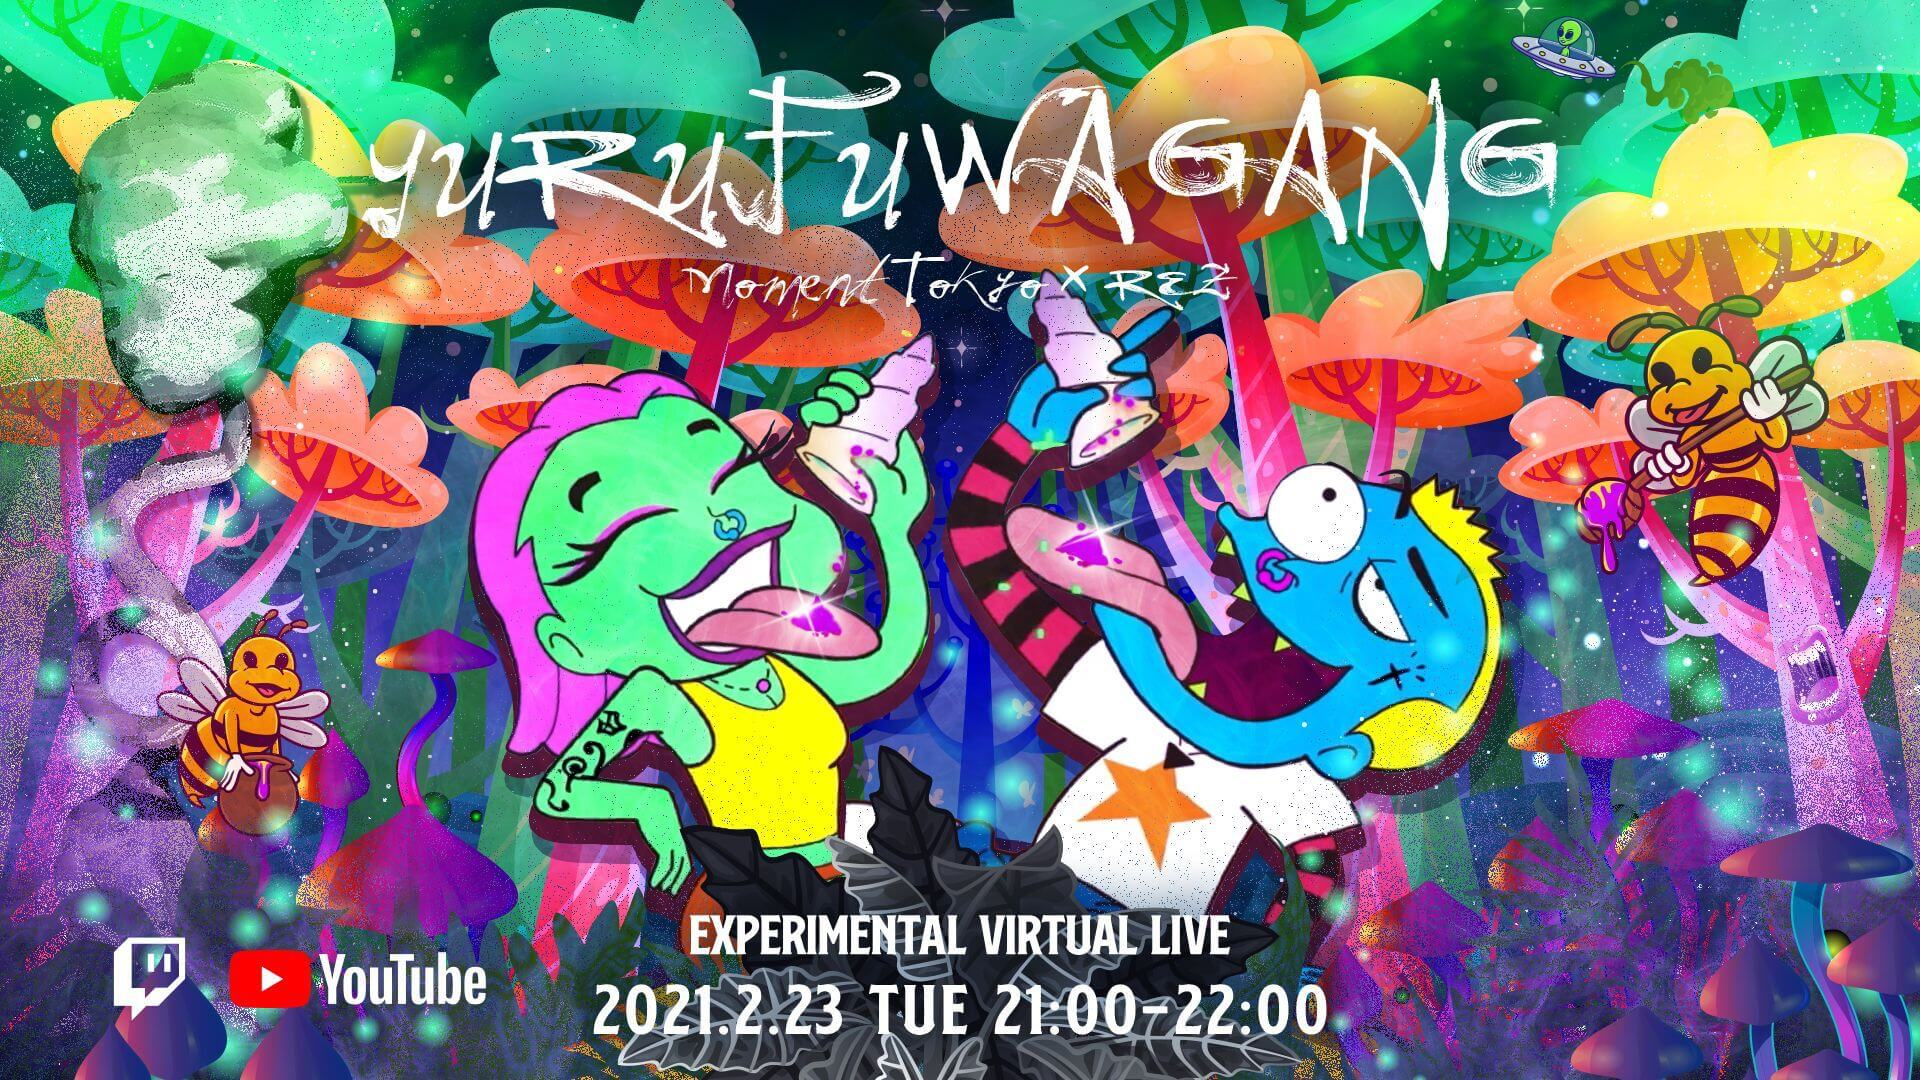 ゆるふわギャングがVJ REZとMoment Tokyoの配信XRライブ<EXPERIMENTAL VIRTUAL LIVE>に登場! music210223_yurufuwagang_1